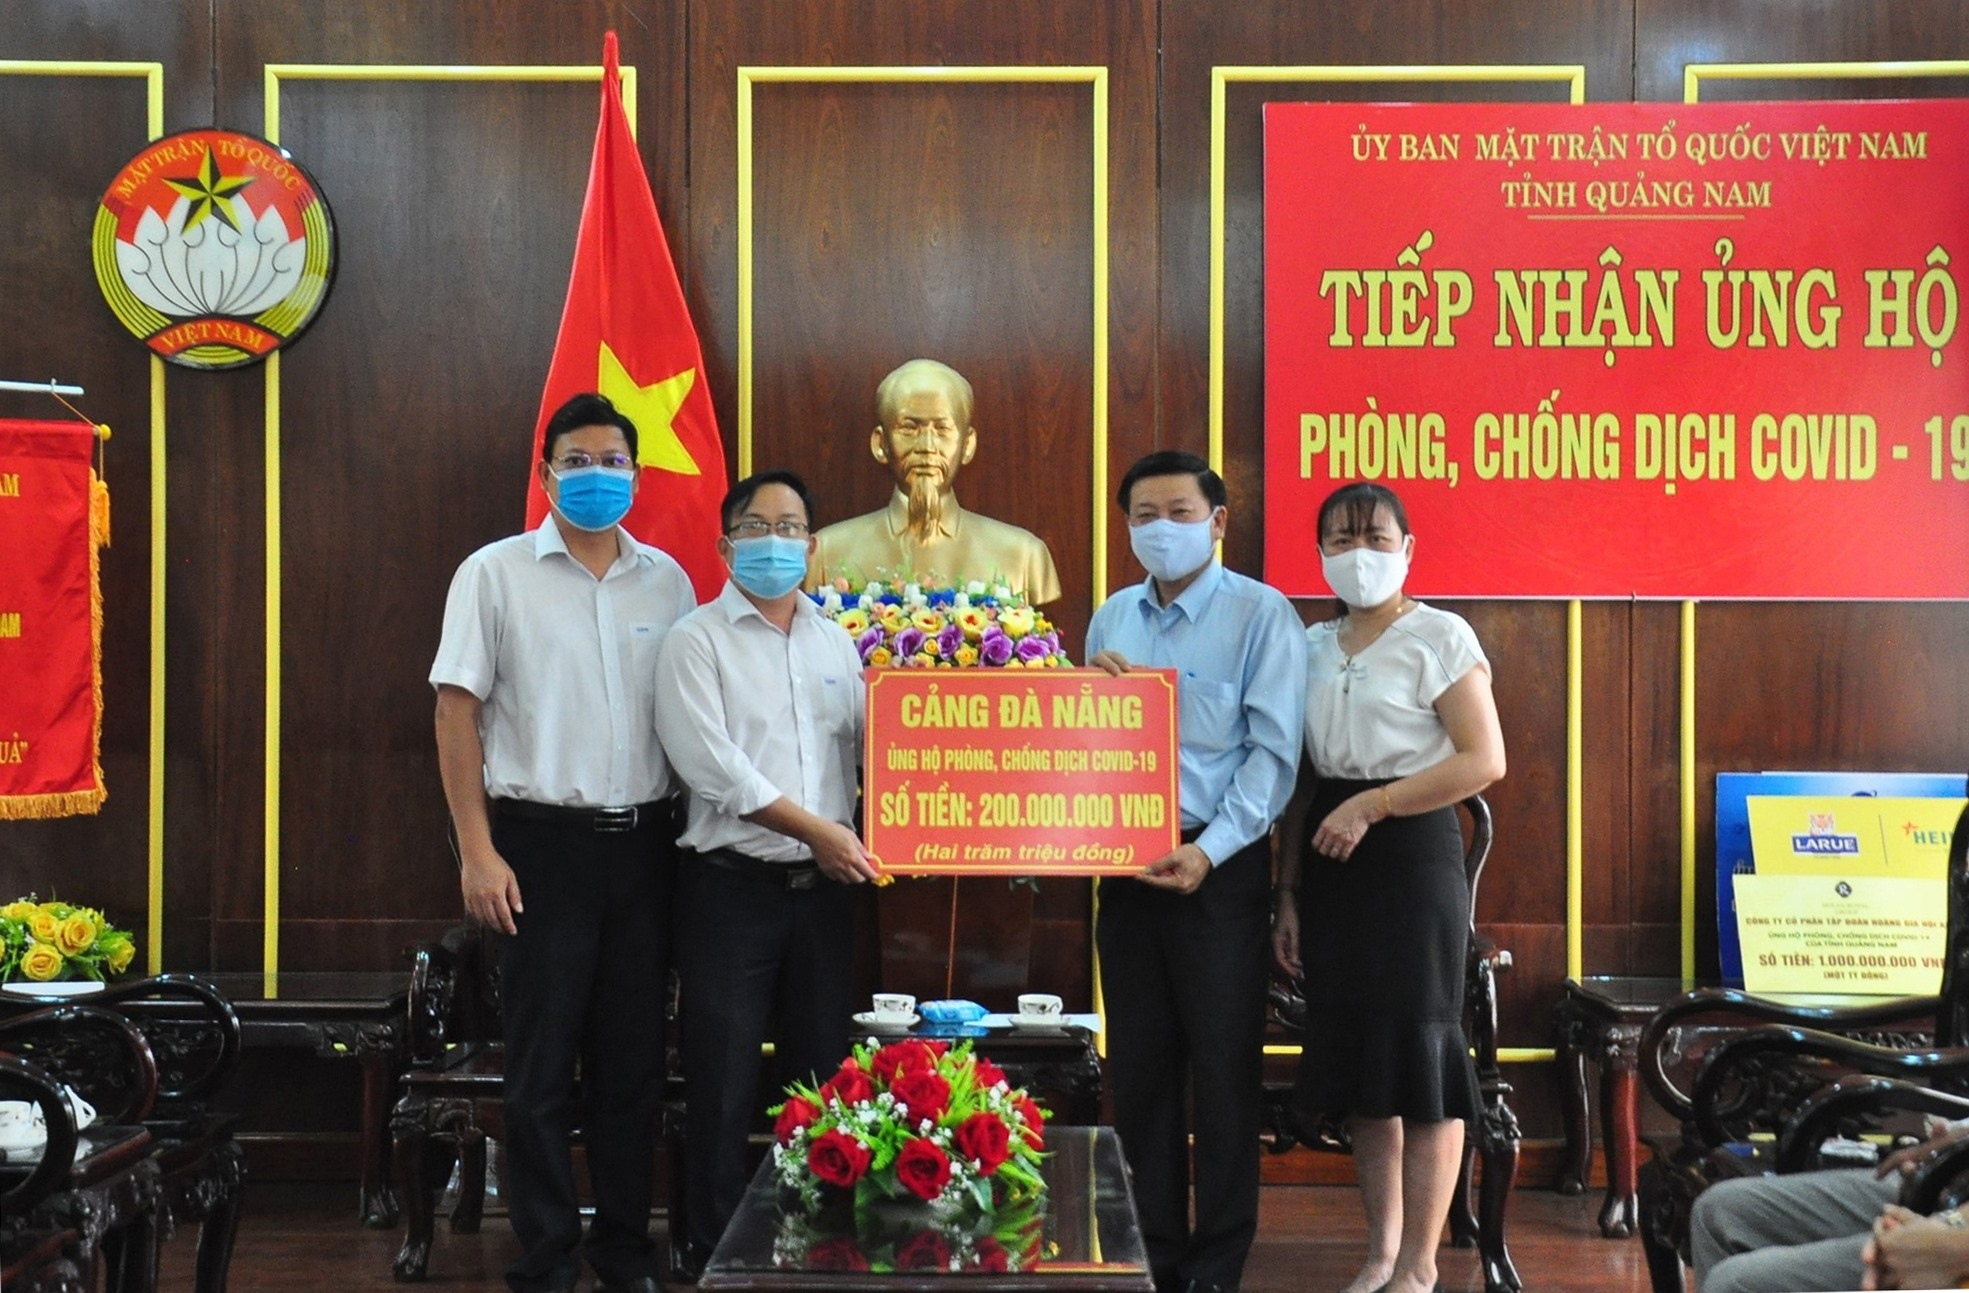 Cảng Đà Nẵng ủng hộ 200 triệu đồng cho Quảng Nam phòng chống dịch Covid-19. Ảnh: VINH ANH